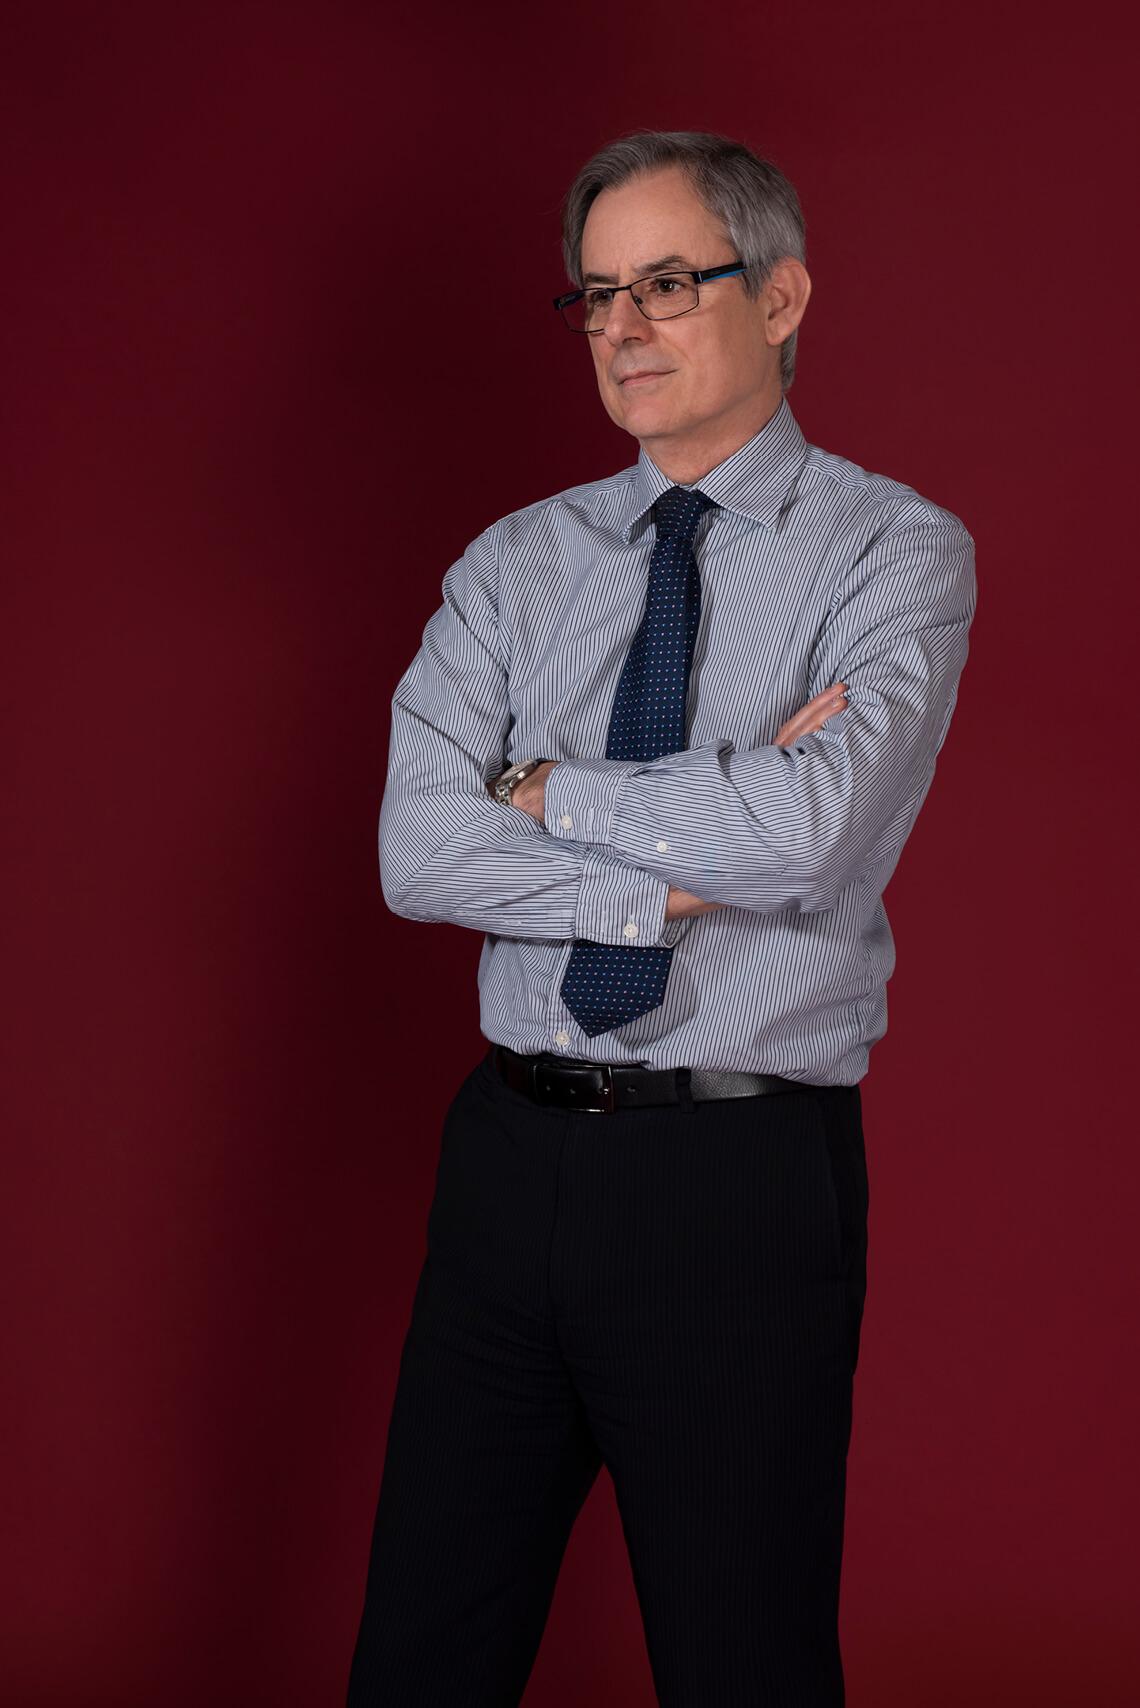 Francis Merritt